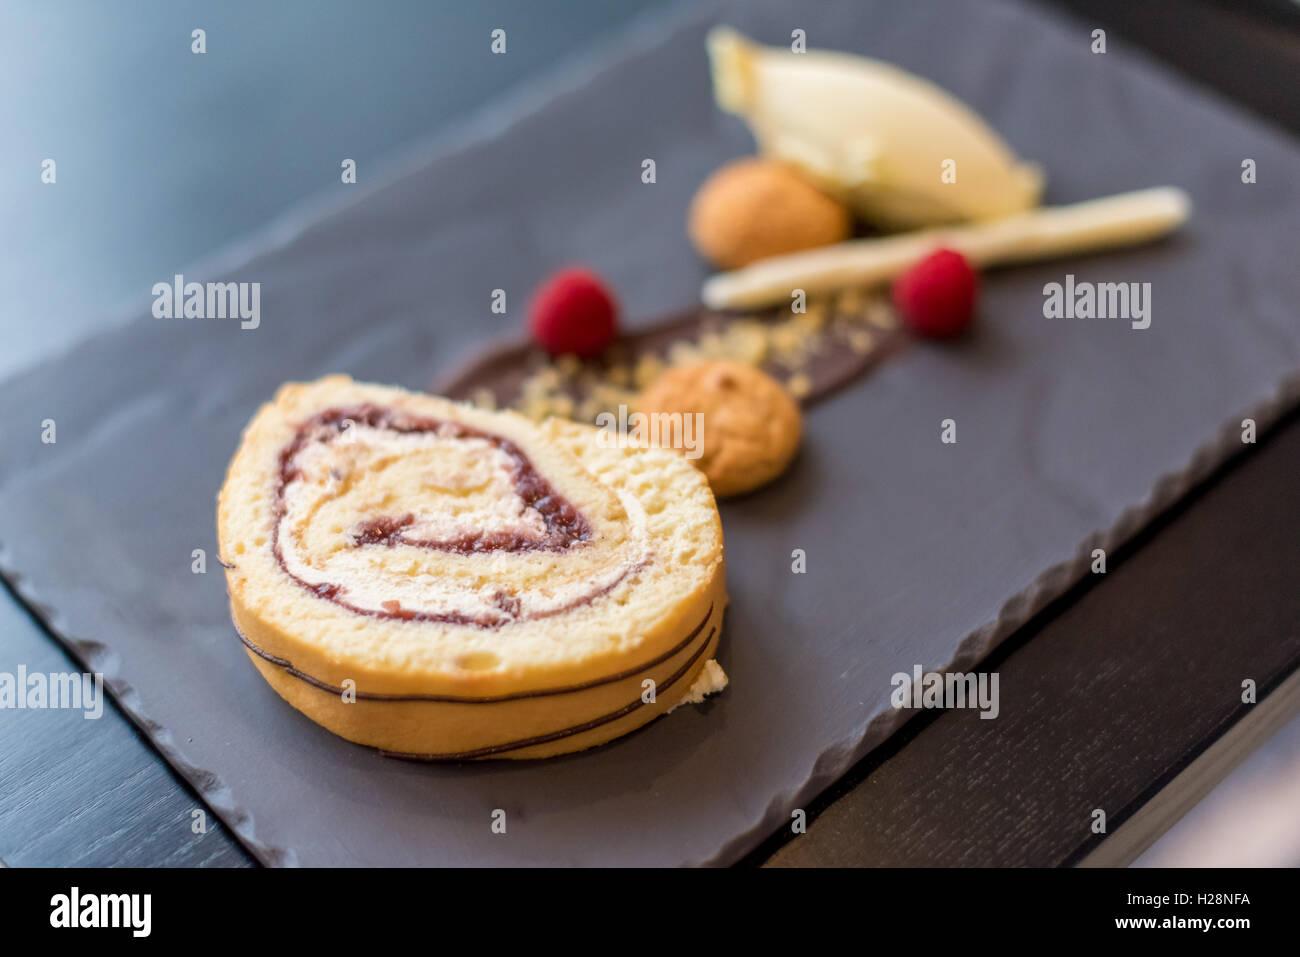 Une éponge rouleau Suisse dessert avec glace sur une toile ardoise Photo Stock